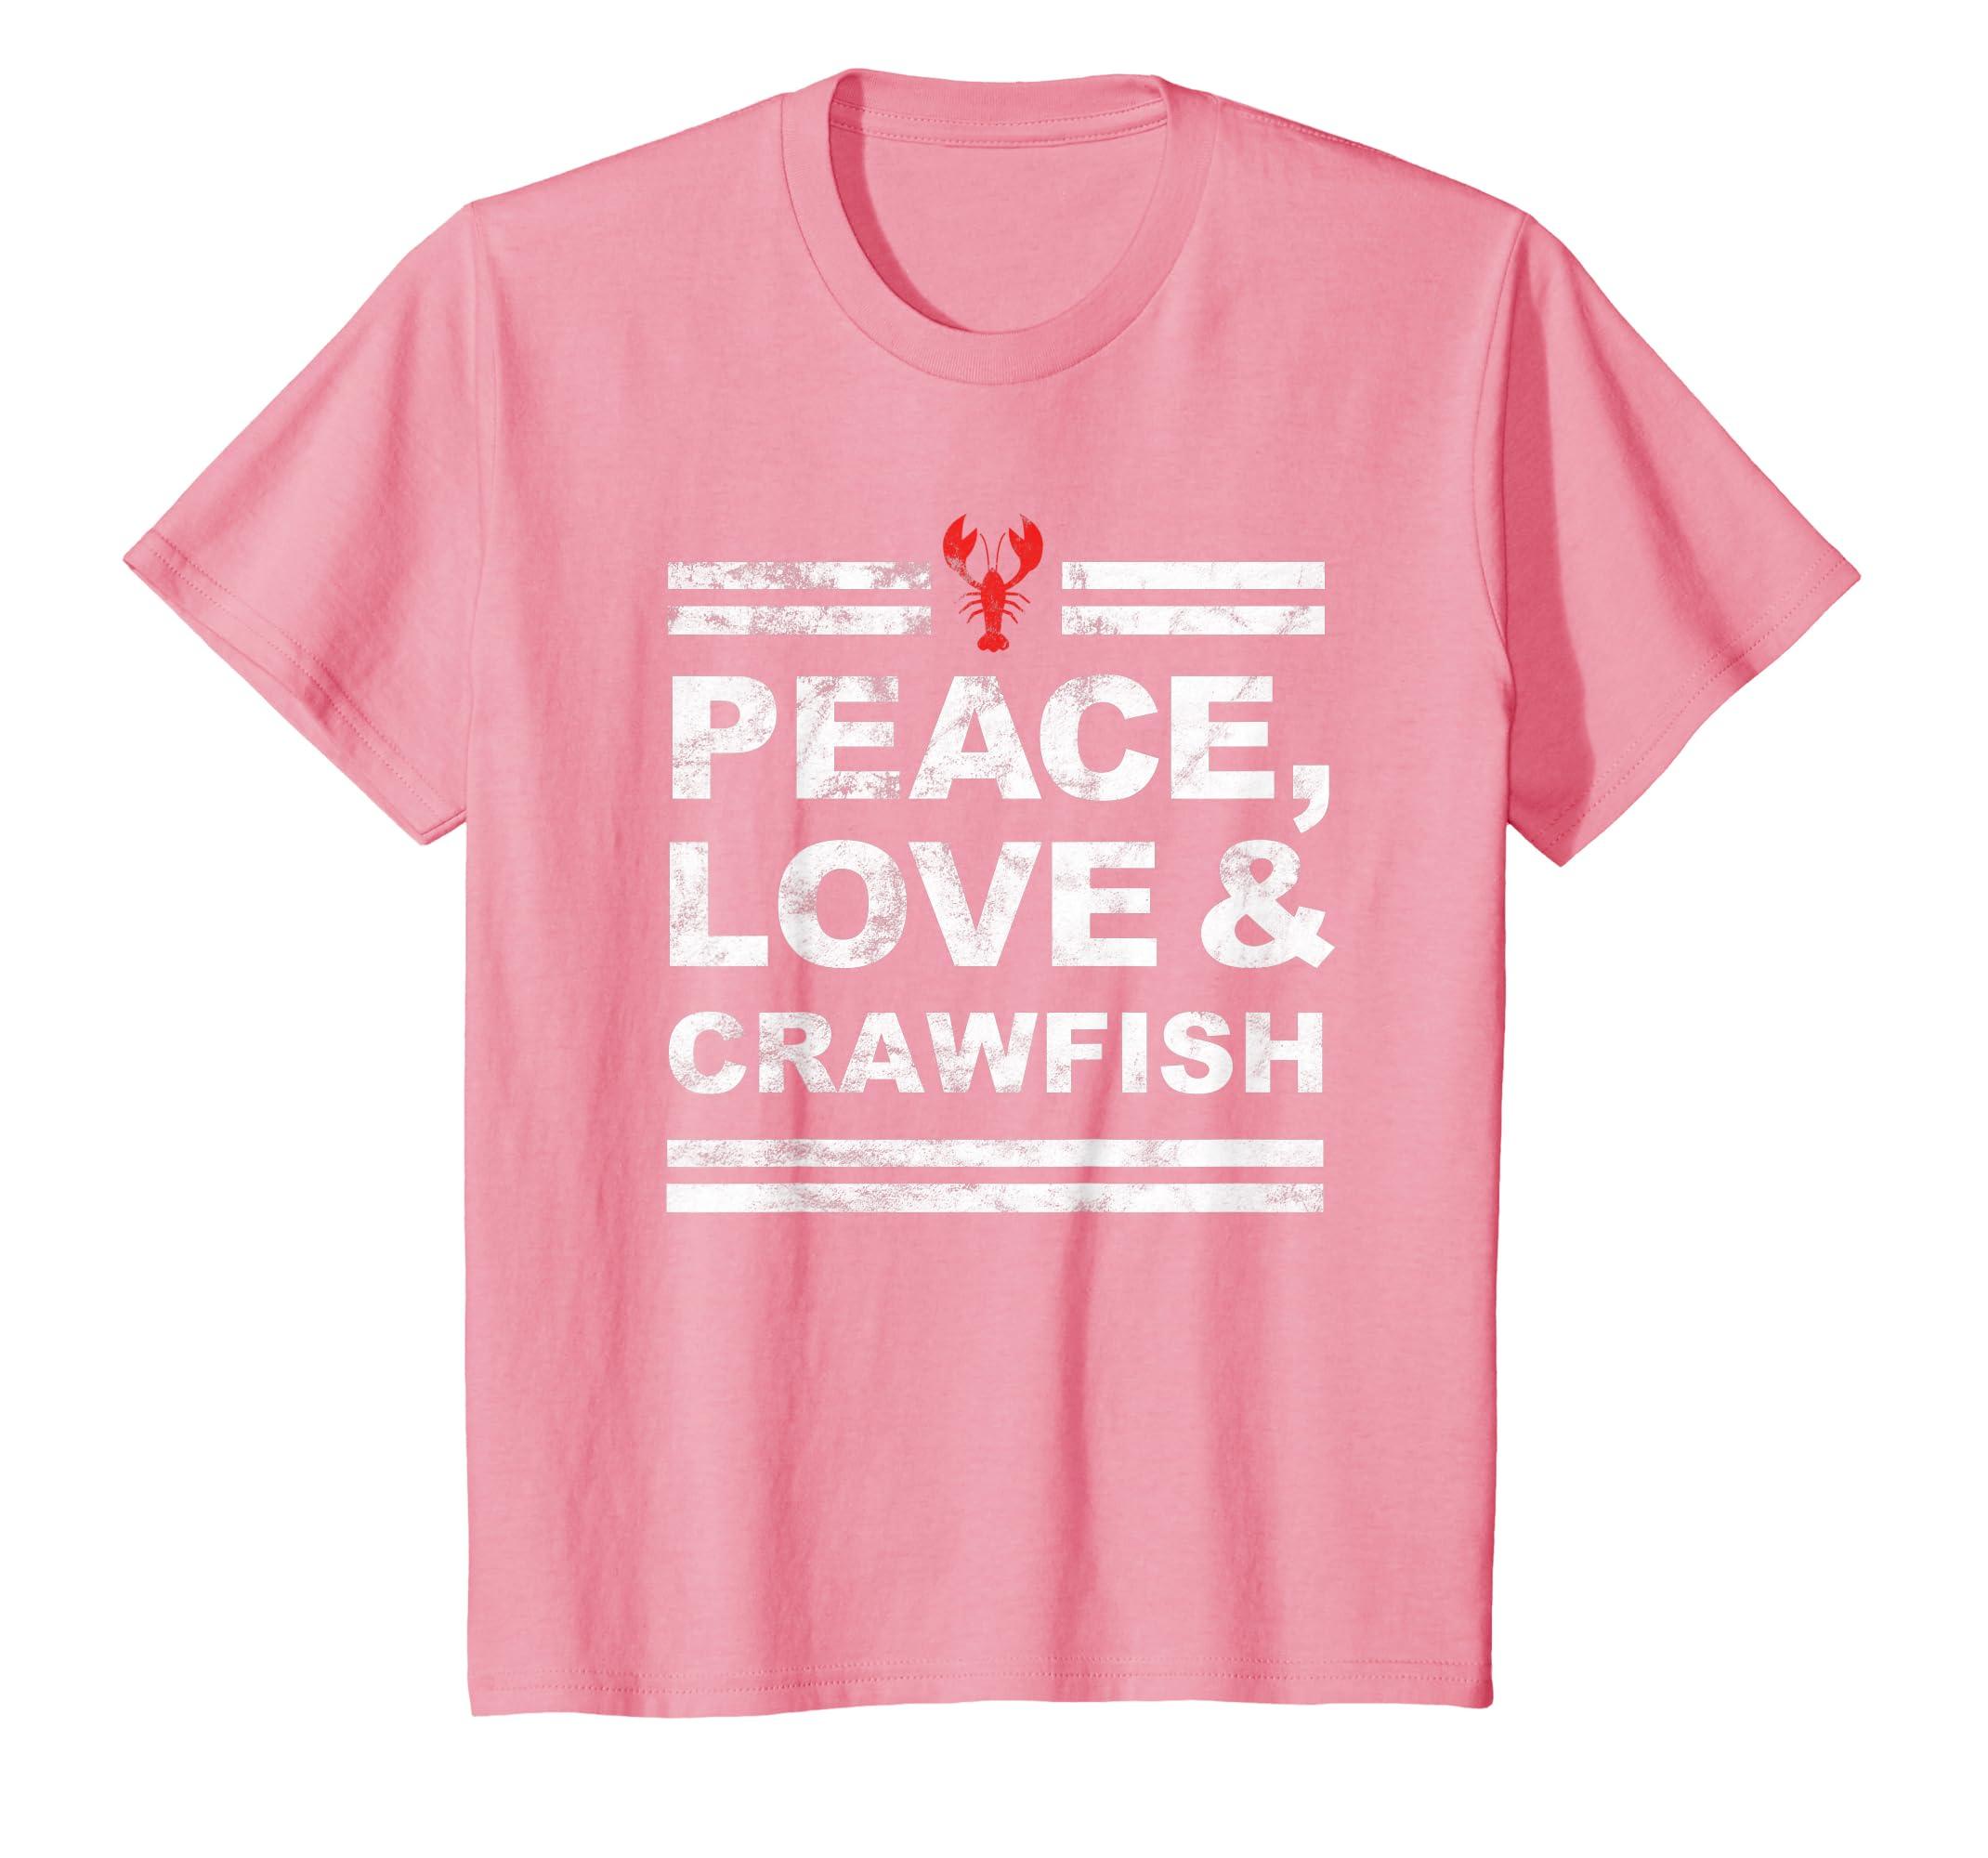 b4e9b775c Amazon.com: Love Crawfish Cajun Mardi Gras Food Fest Gift Shirt: Clothing